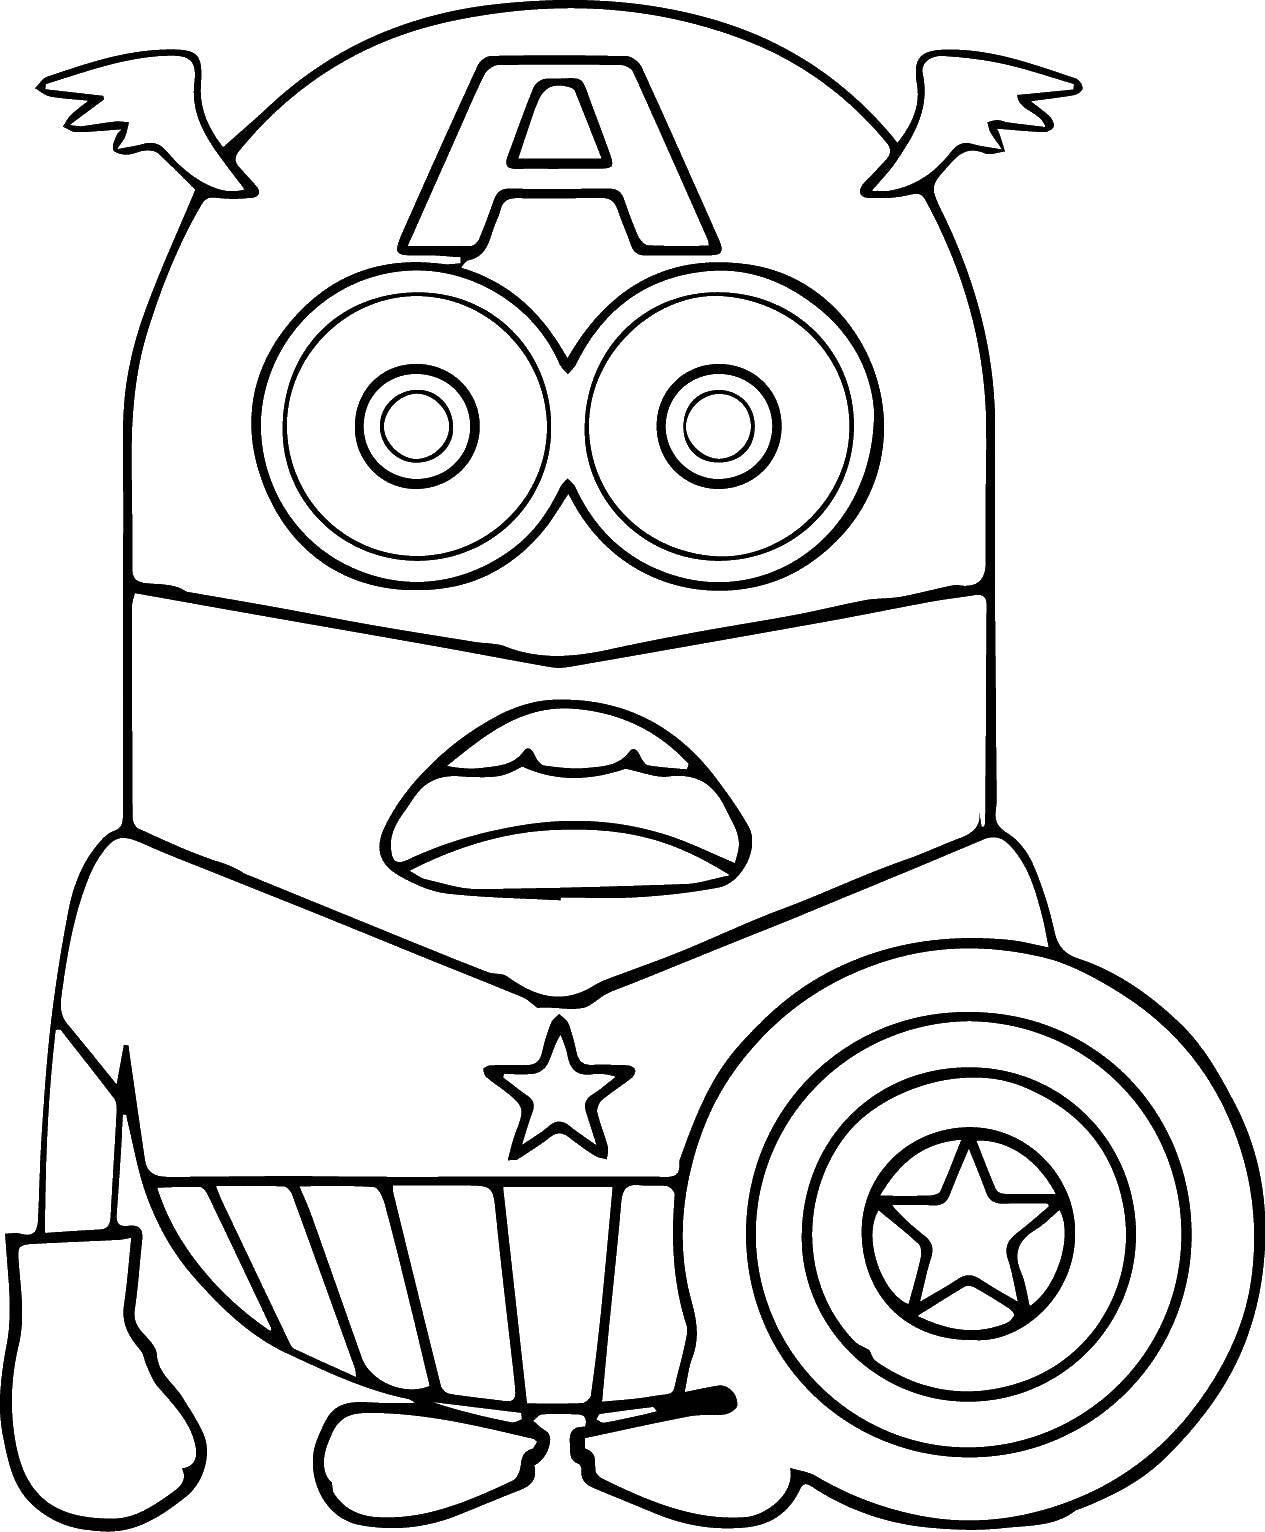 Раскраска миньоны Скачать ,Персонаж из мультфильма, Миньоны,.  Распечатать